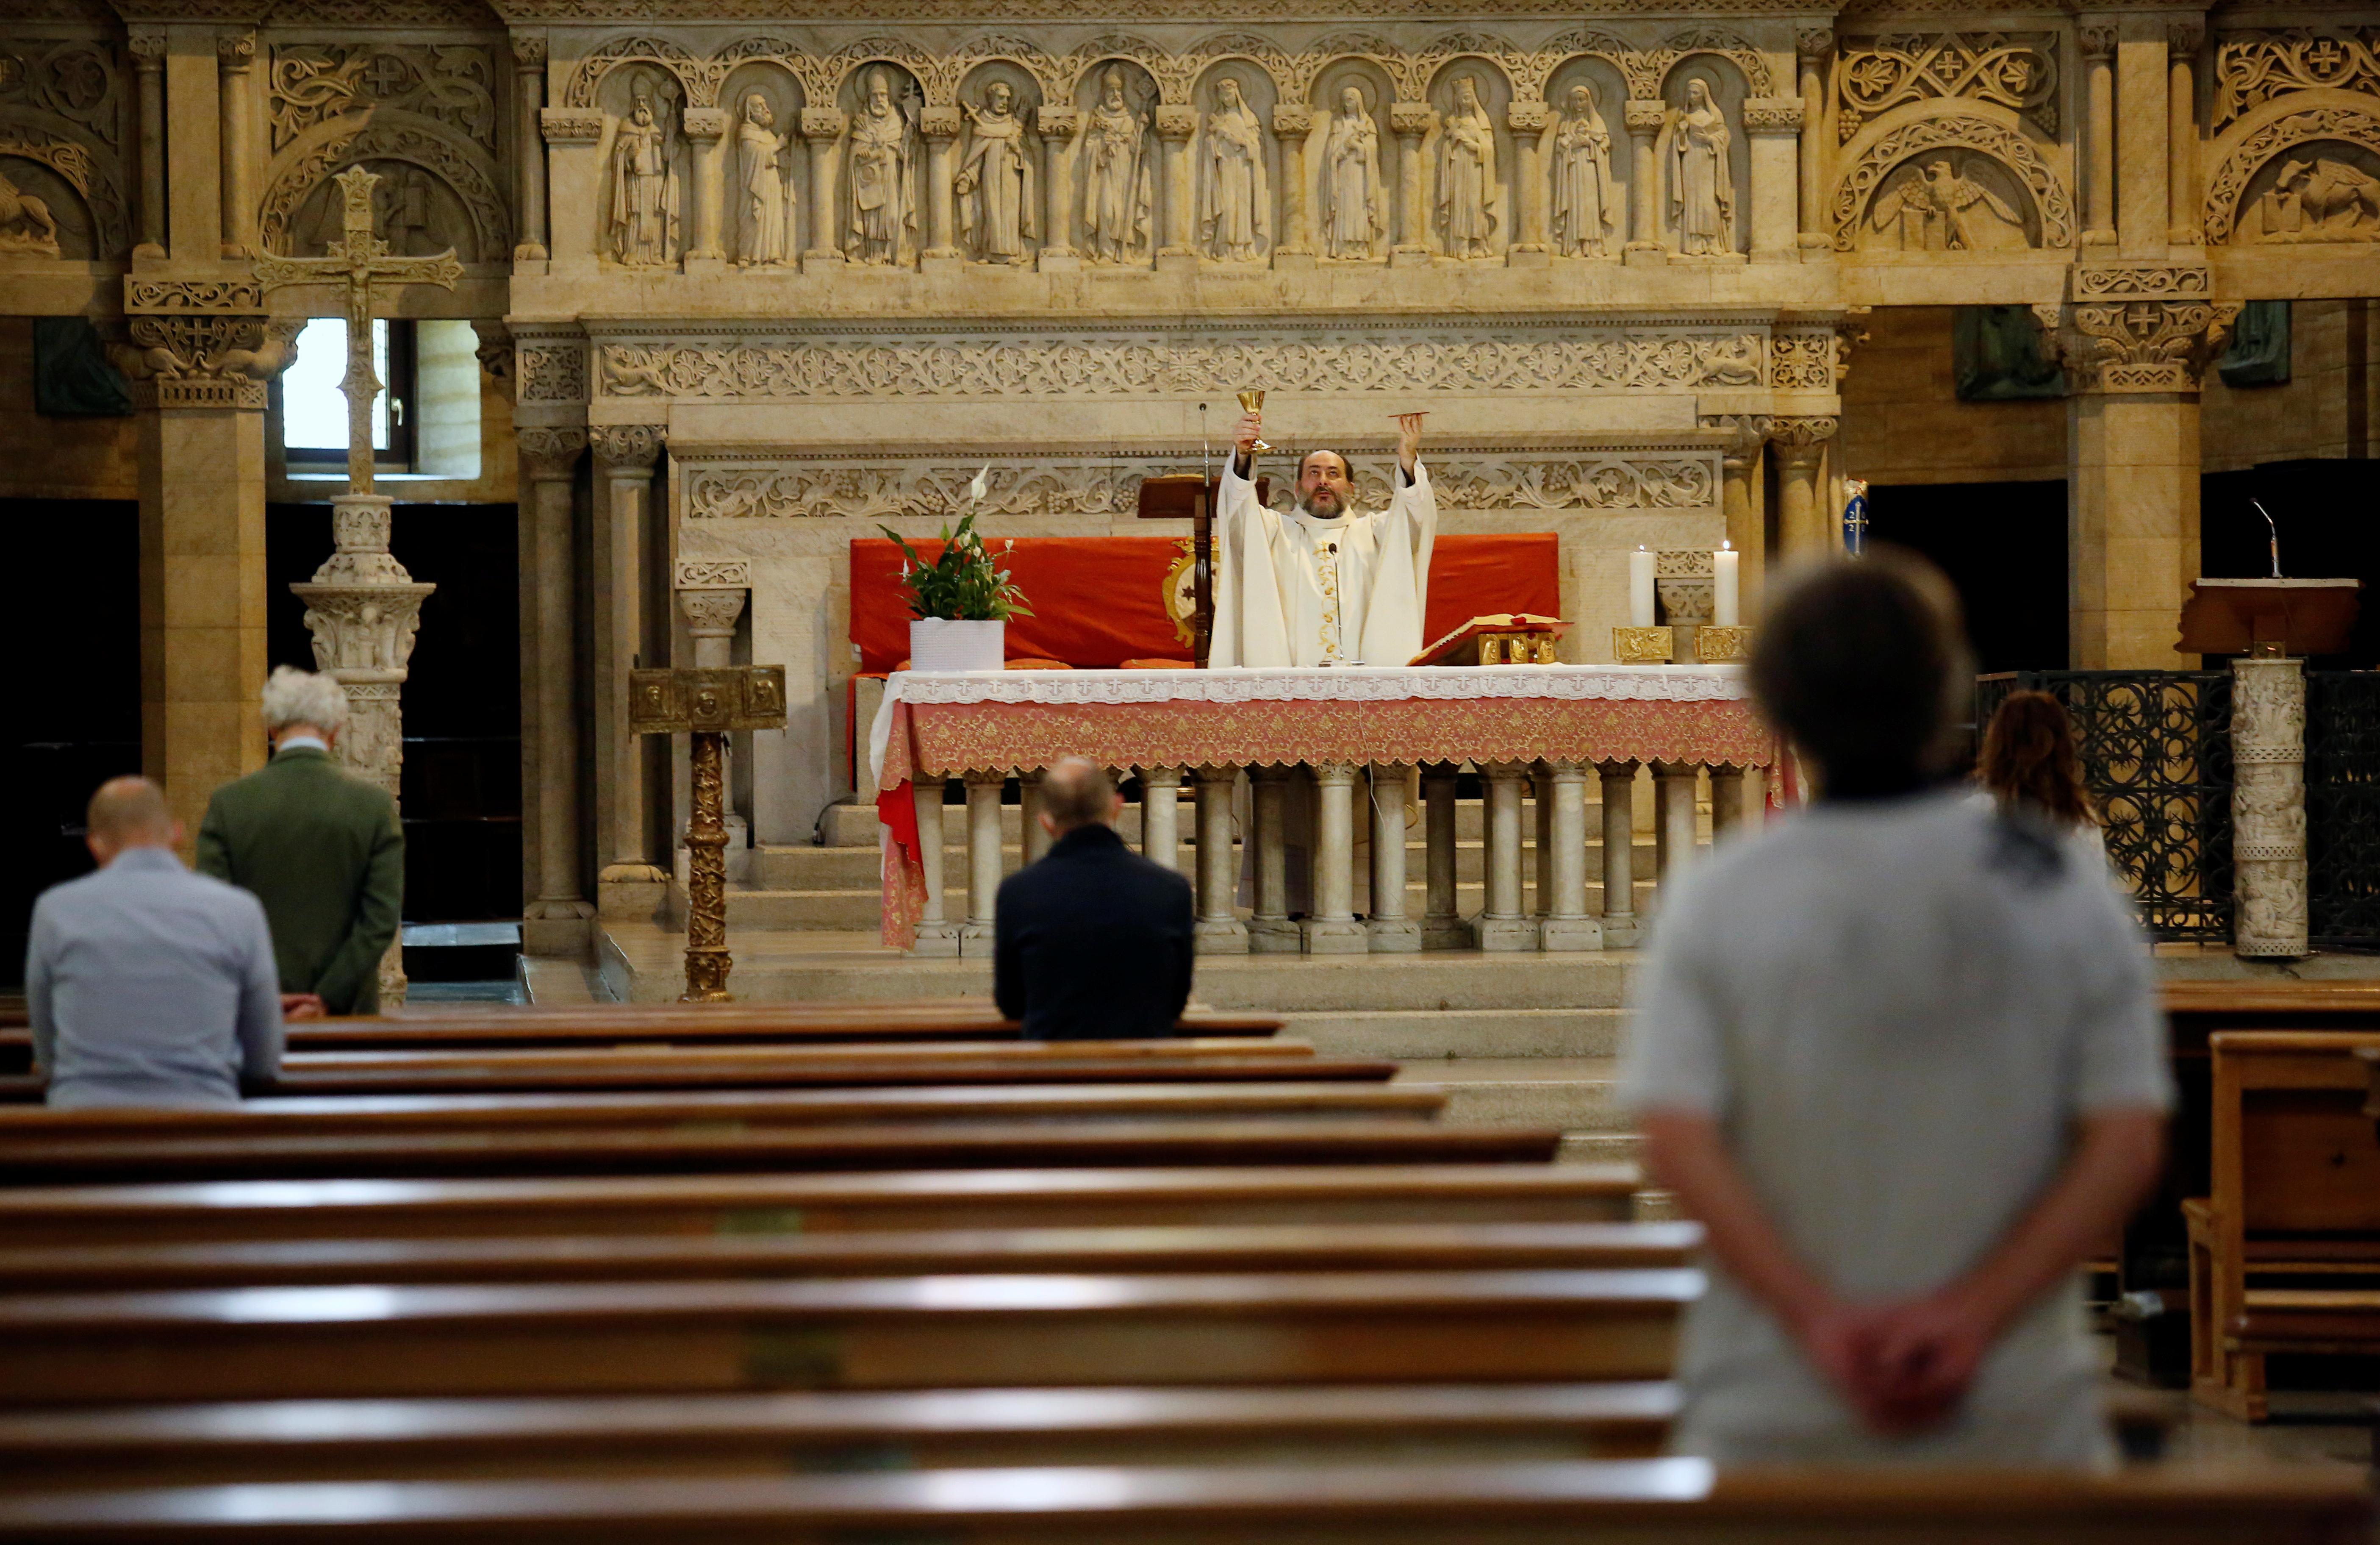 Una misa en la iglesia Santa Teresa D'Avila en Roma (Reuters/ Remo Casilli)